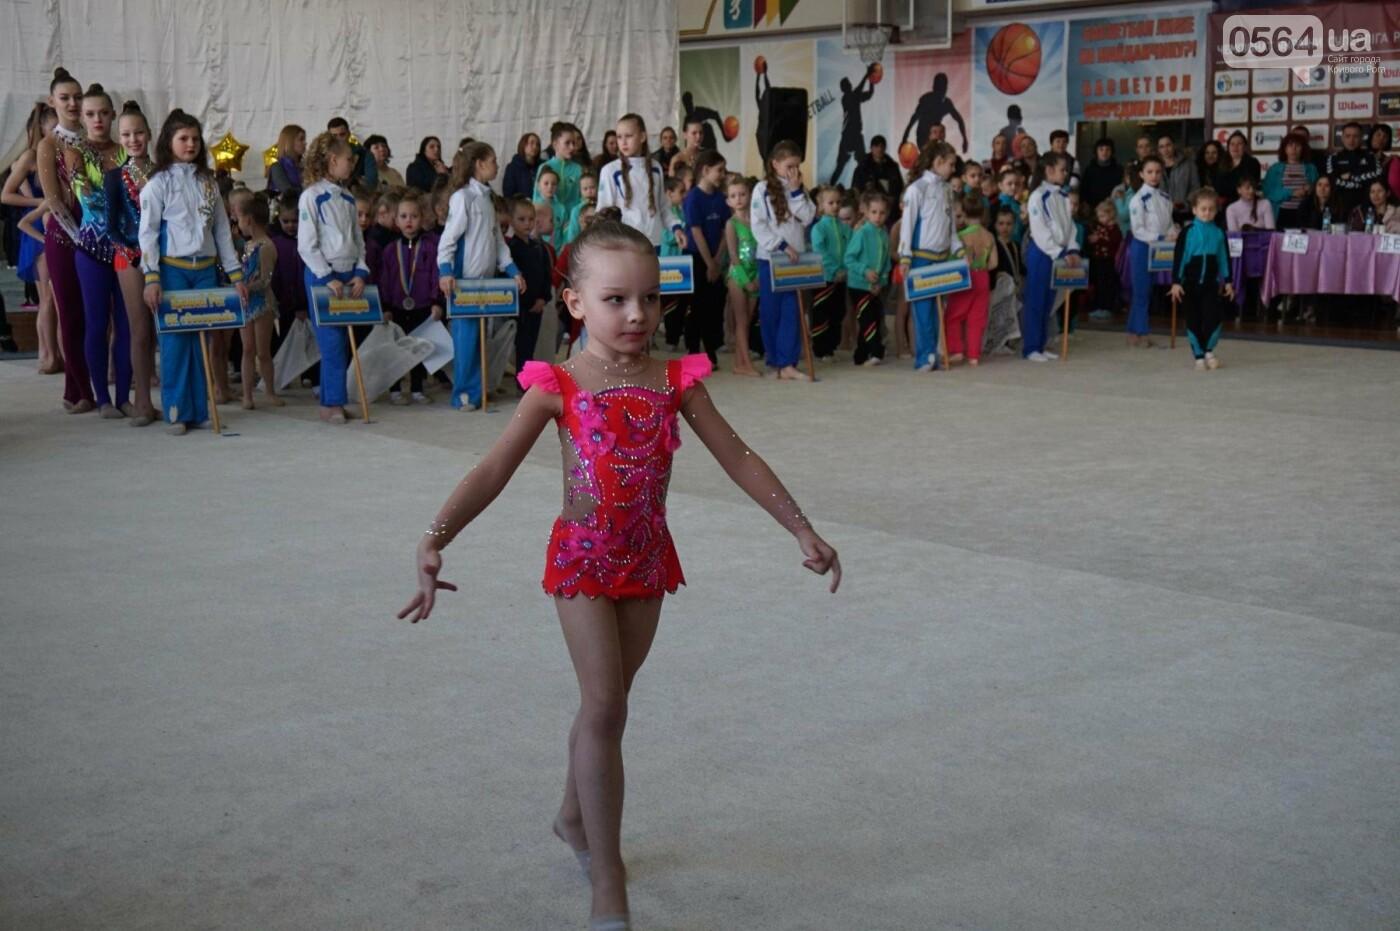 Праздник красоты и грации состоялся в Кривом Роге (ФОТО), фото-36